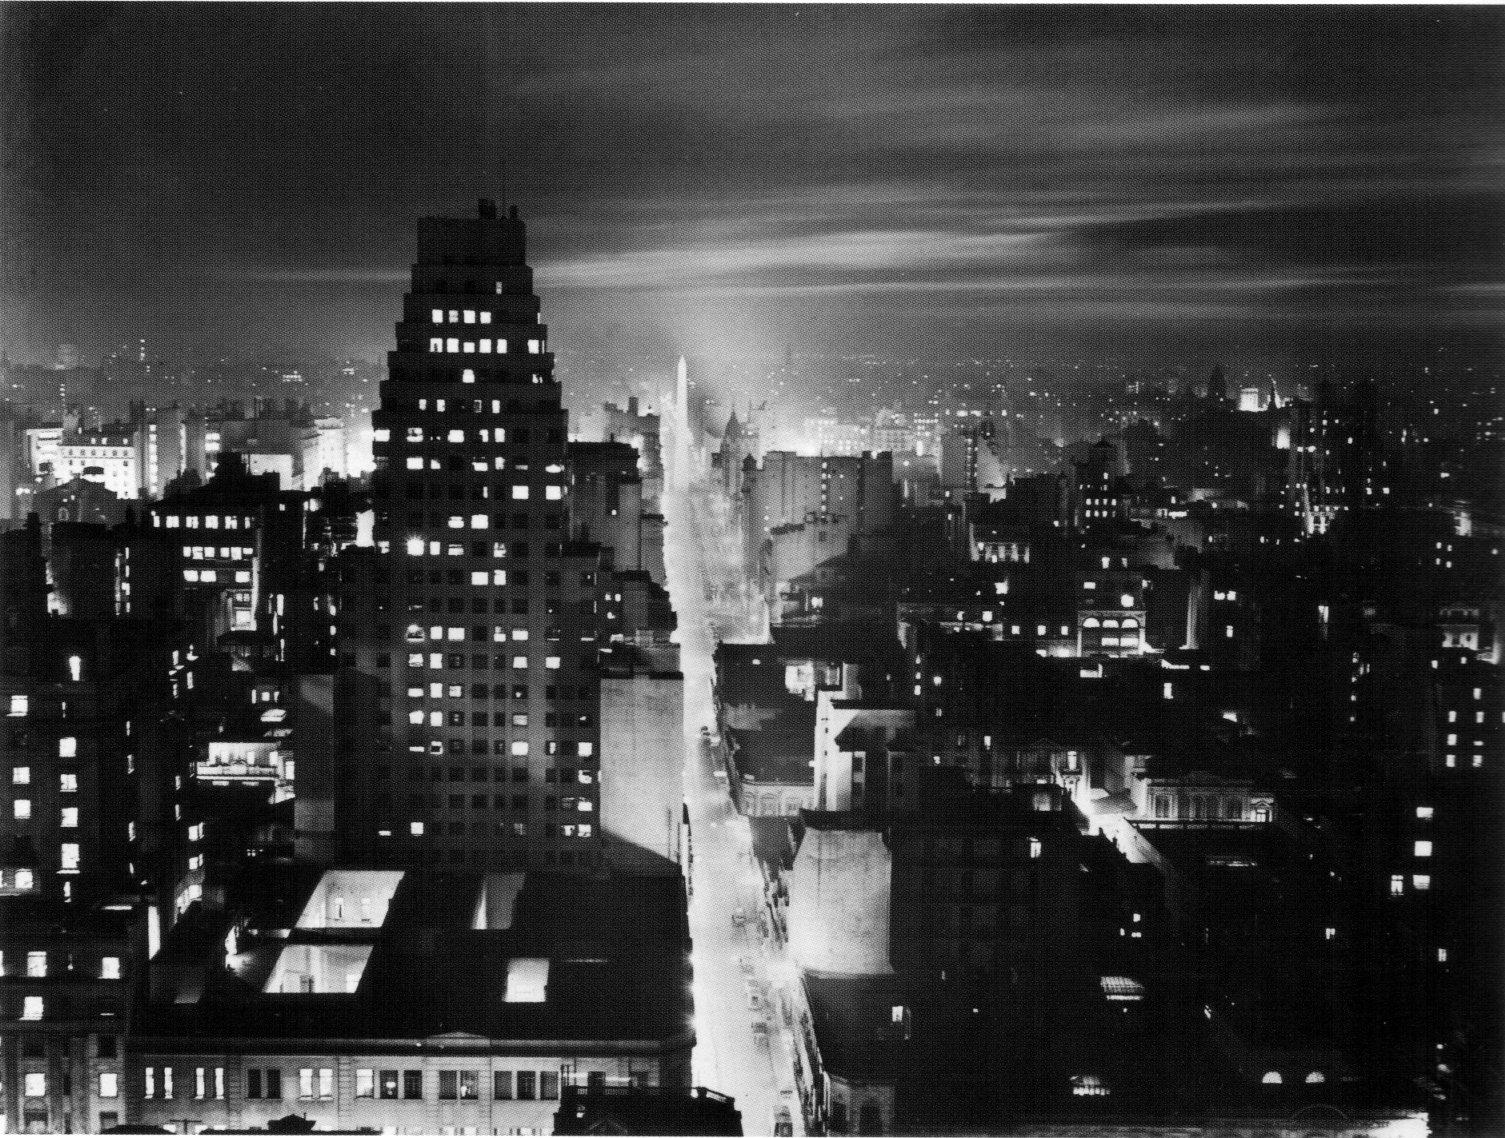 Wikipedia se puede quedar sin fotos de la historia argentina Horacio_Coppola_-_Buenos_Aires_1936_-_Corrientes_desde_el_edificio_COMEGA_nocturna